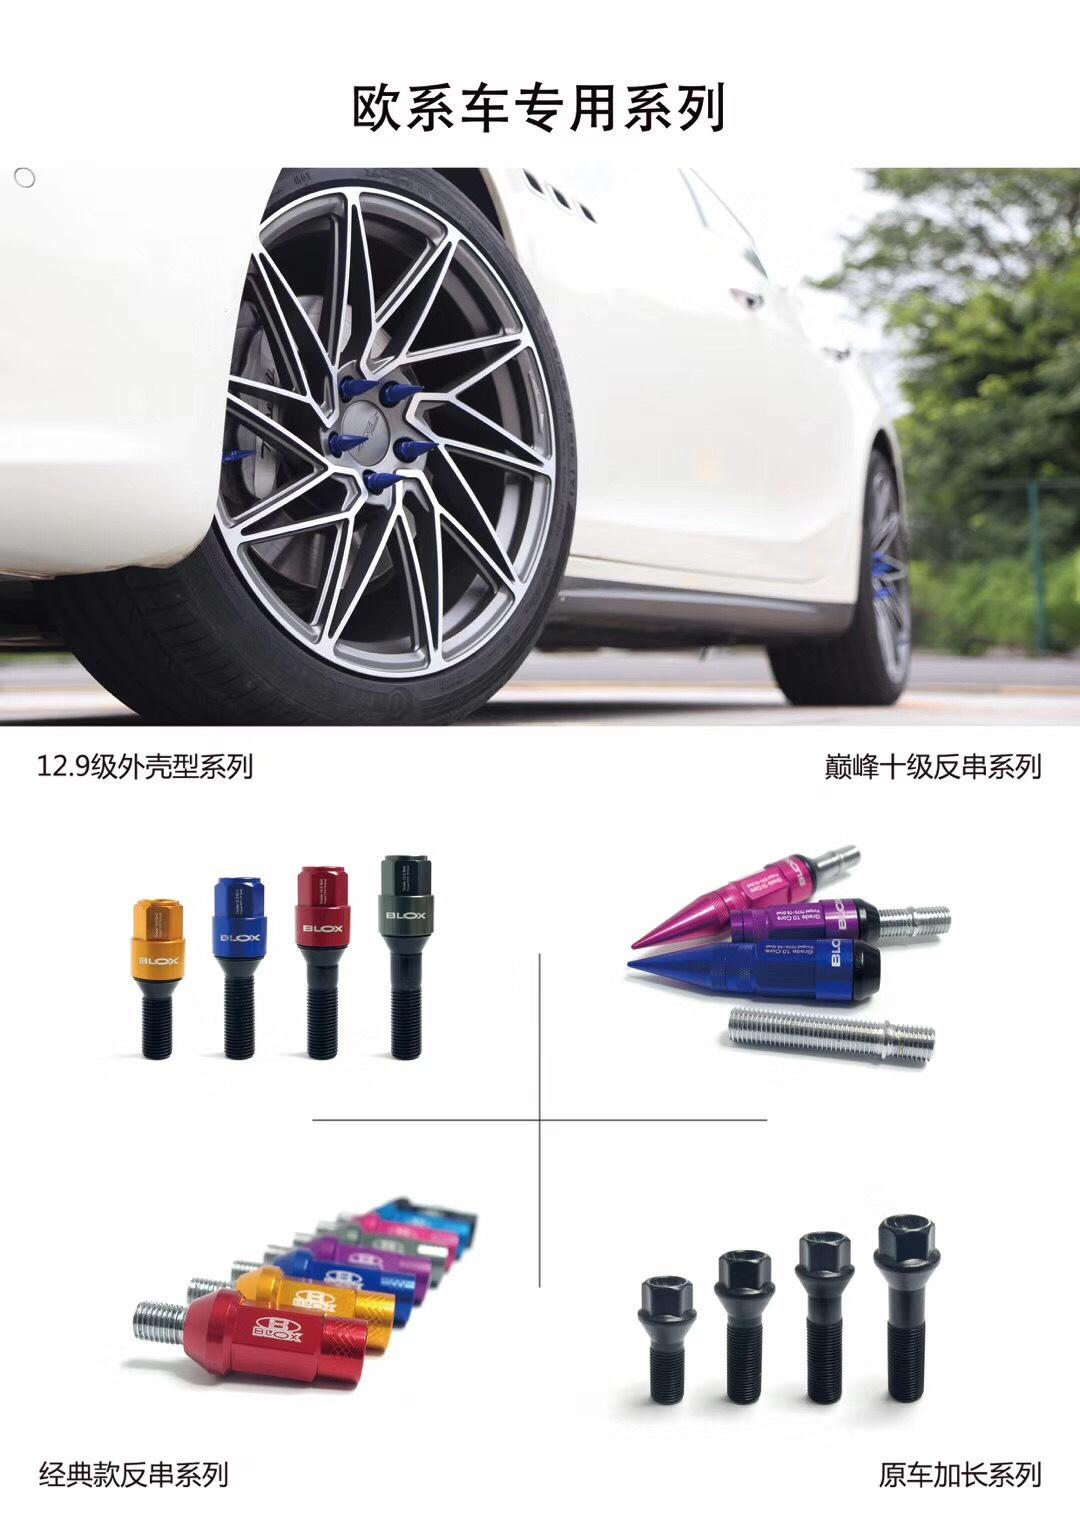 正品BLOX锻造 轮毂螺丝!折扣特价出[666] 总有一款适合你!各车型改装案例图